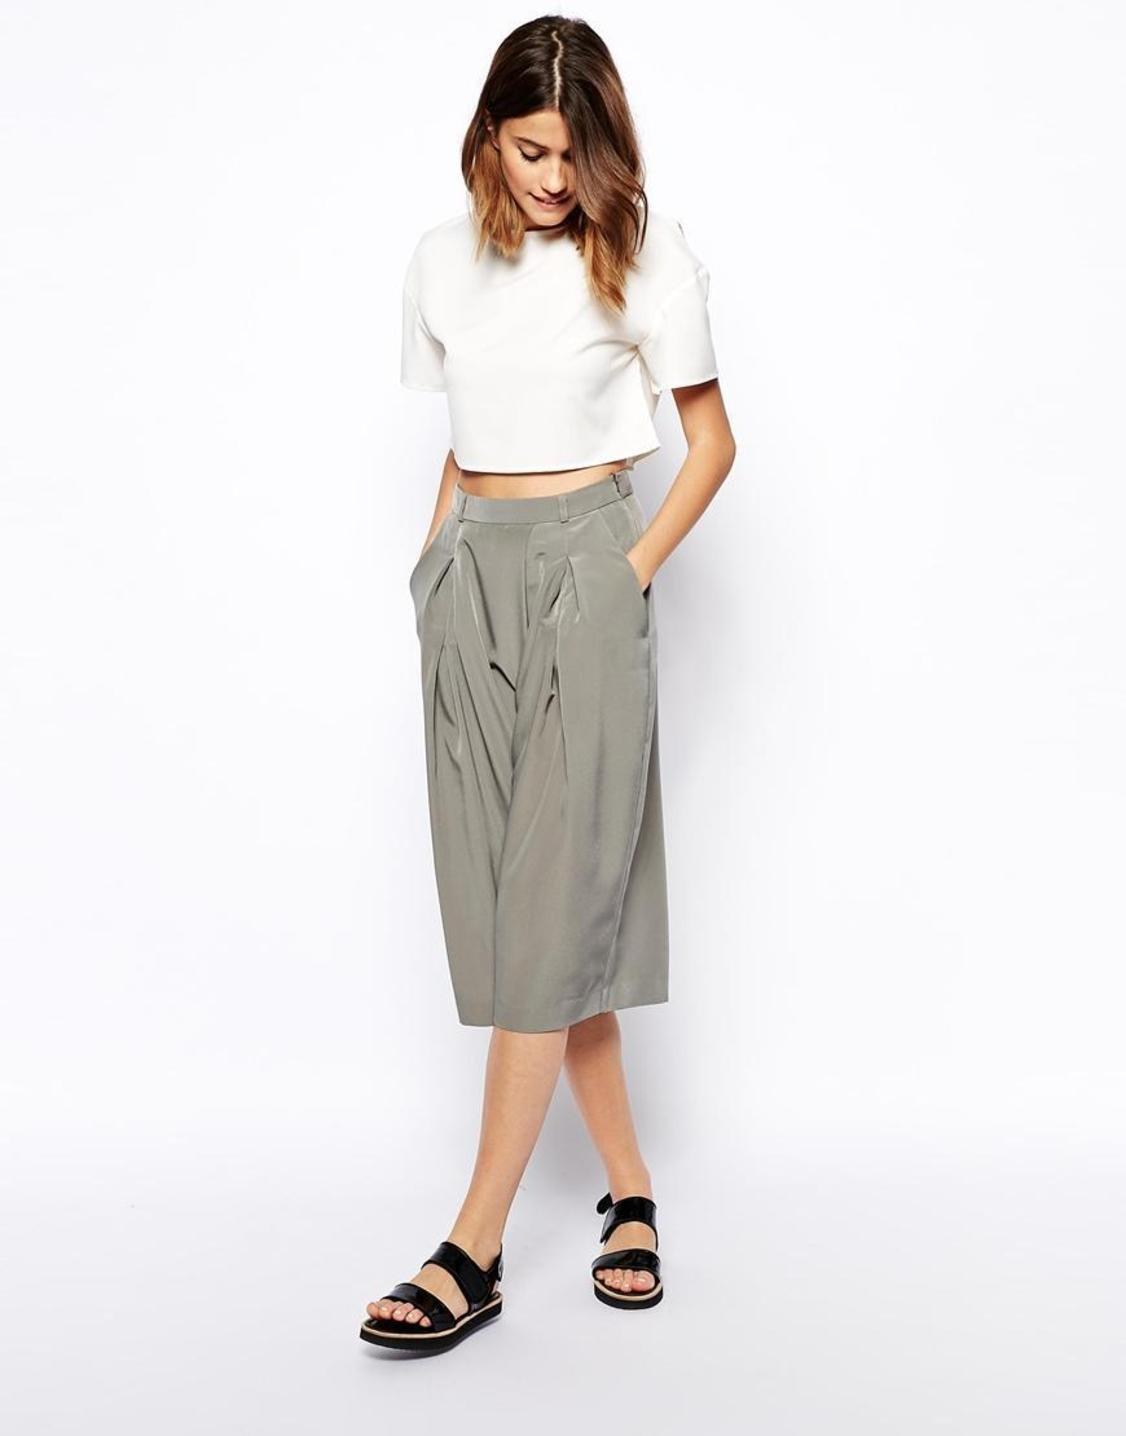 брюки весна лето 2019 года модные: кюлоты серые